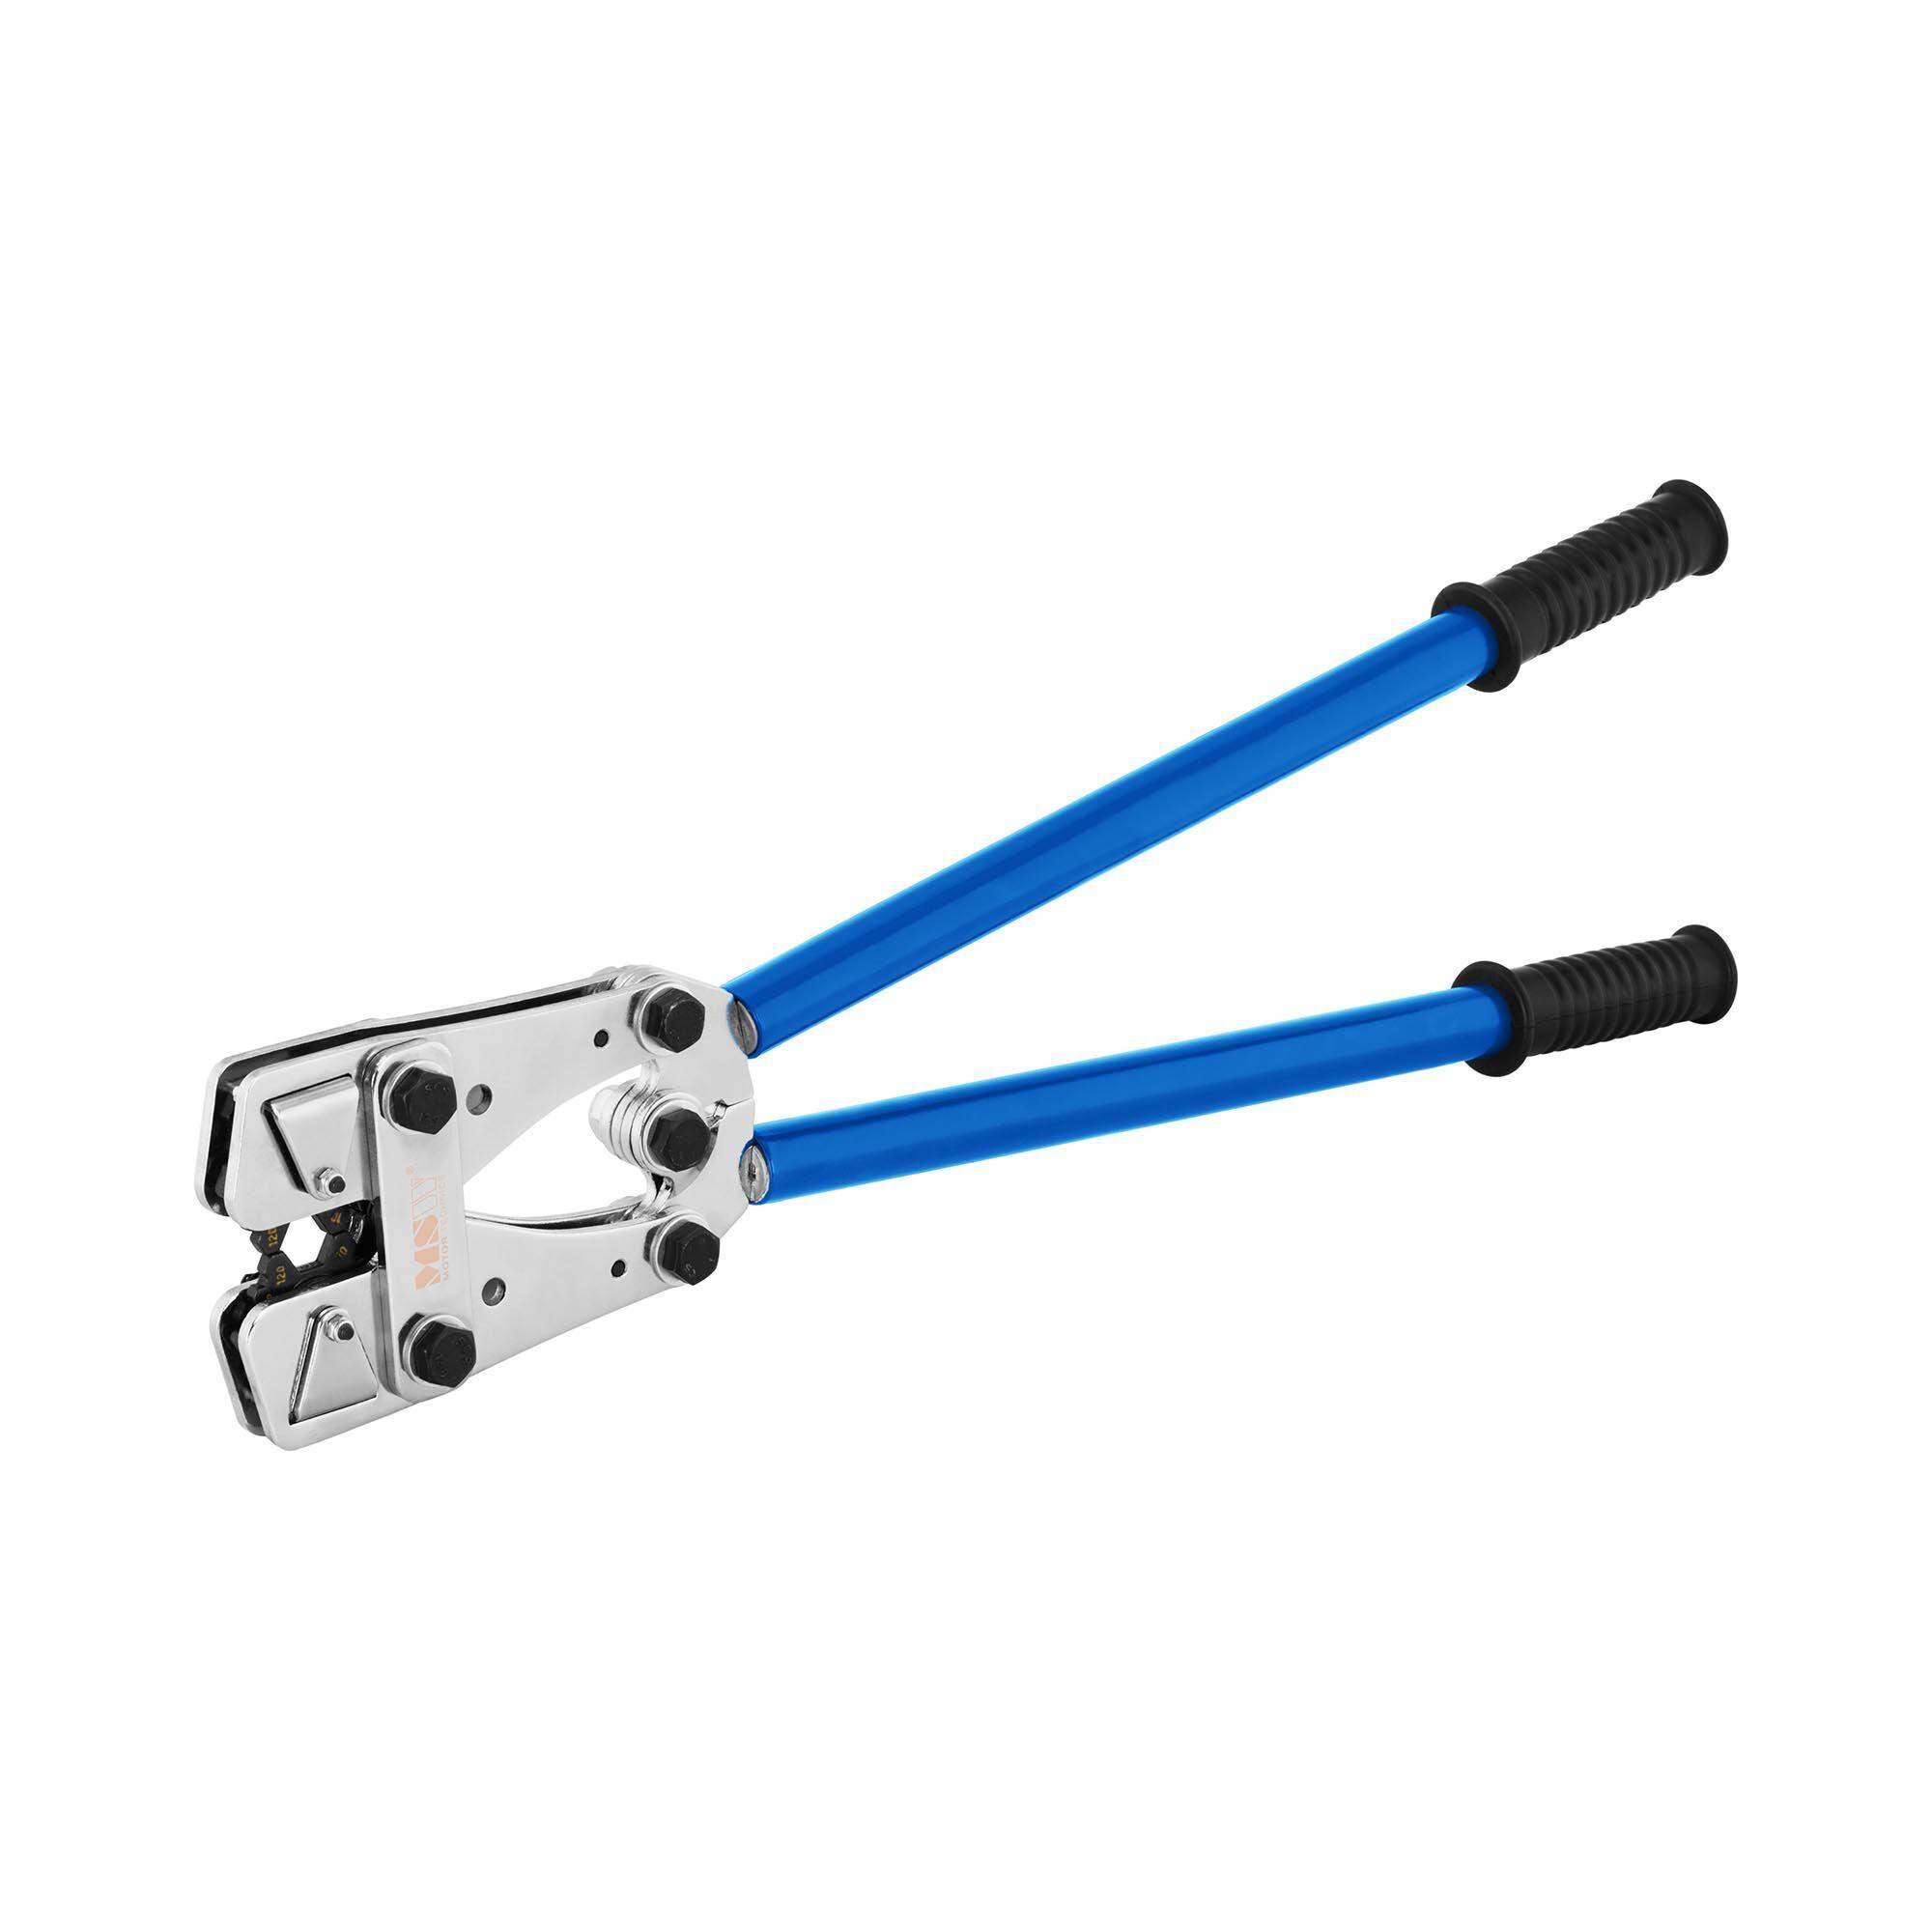 MSW Pince à sertir cosse - Manuelle - 6 à 120 mm² - Sertissage hexagonal MSW-CTM-02